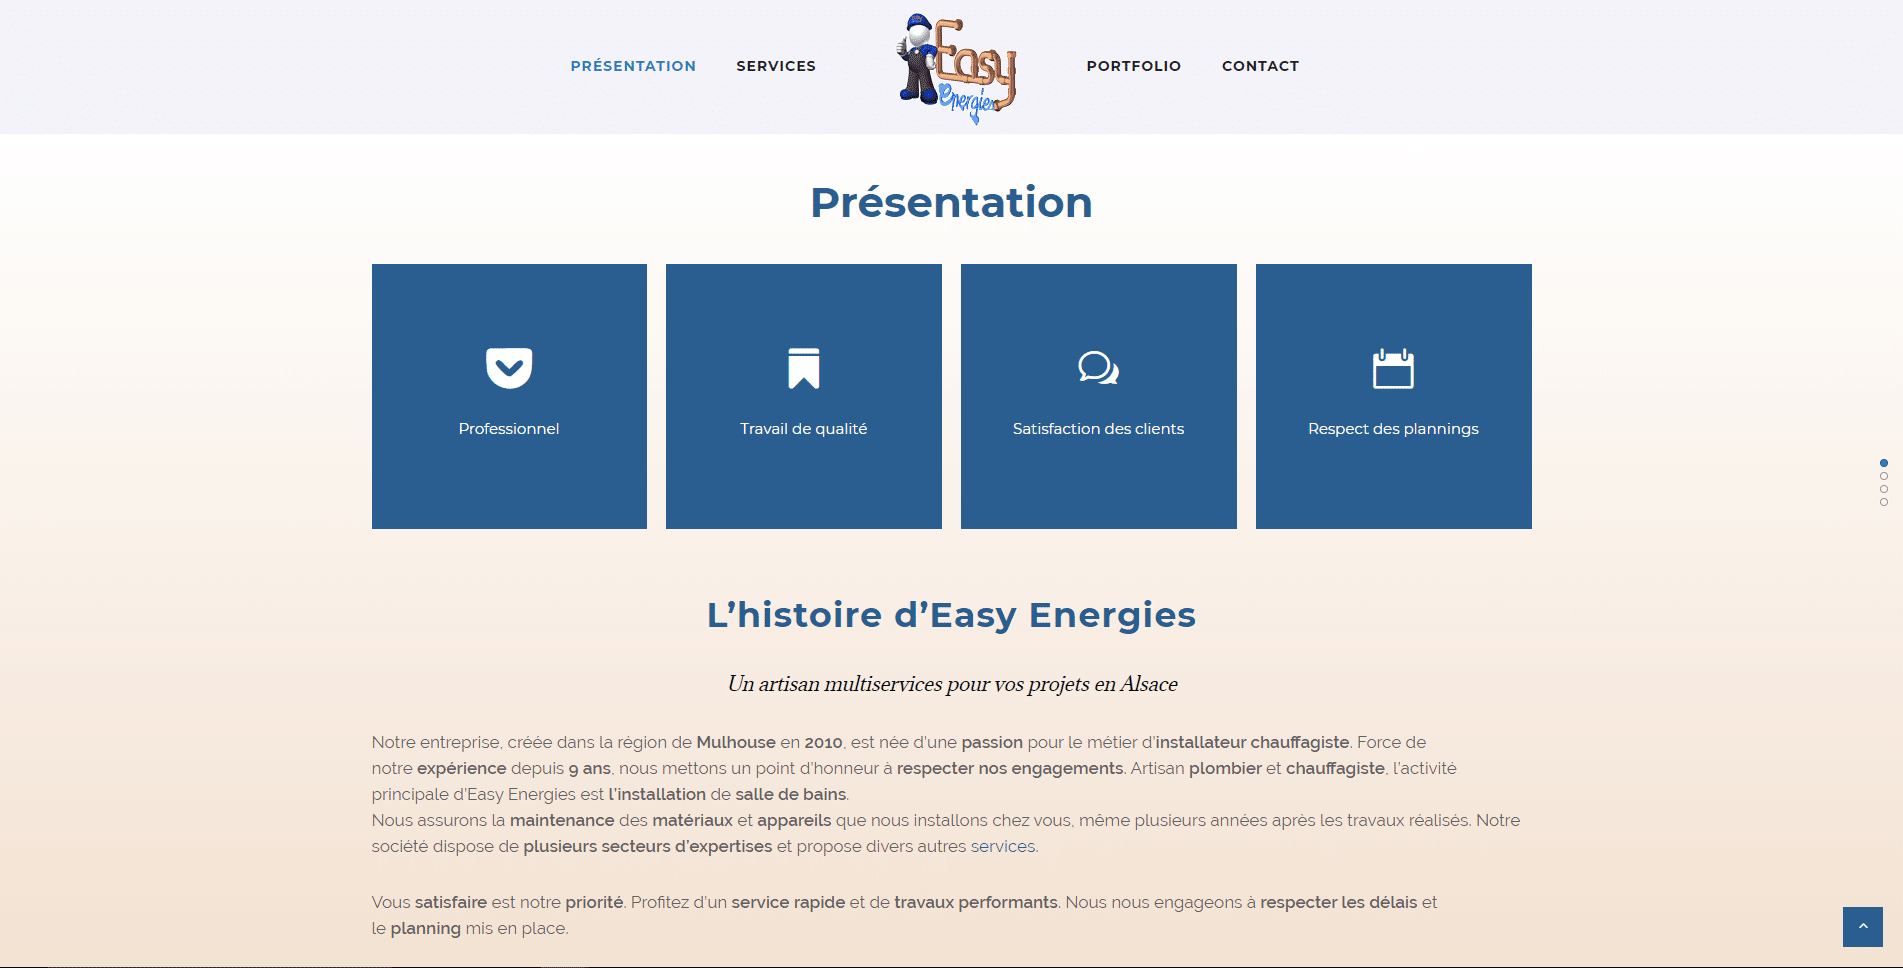 Easy Energies est un client de l'agence web Karedess, agence web situé à Mulhouse